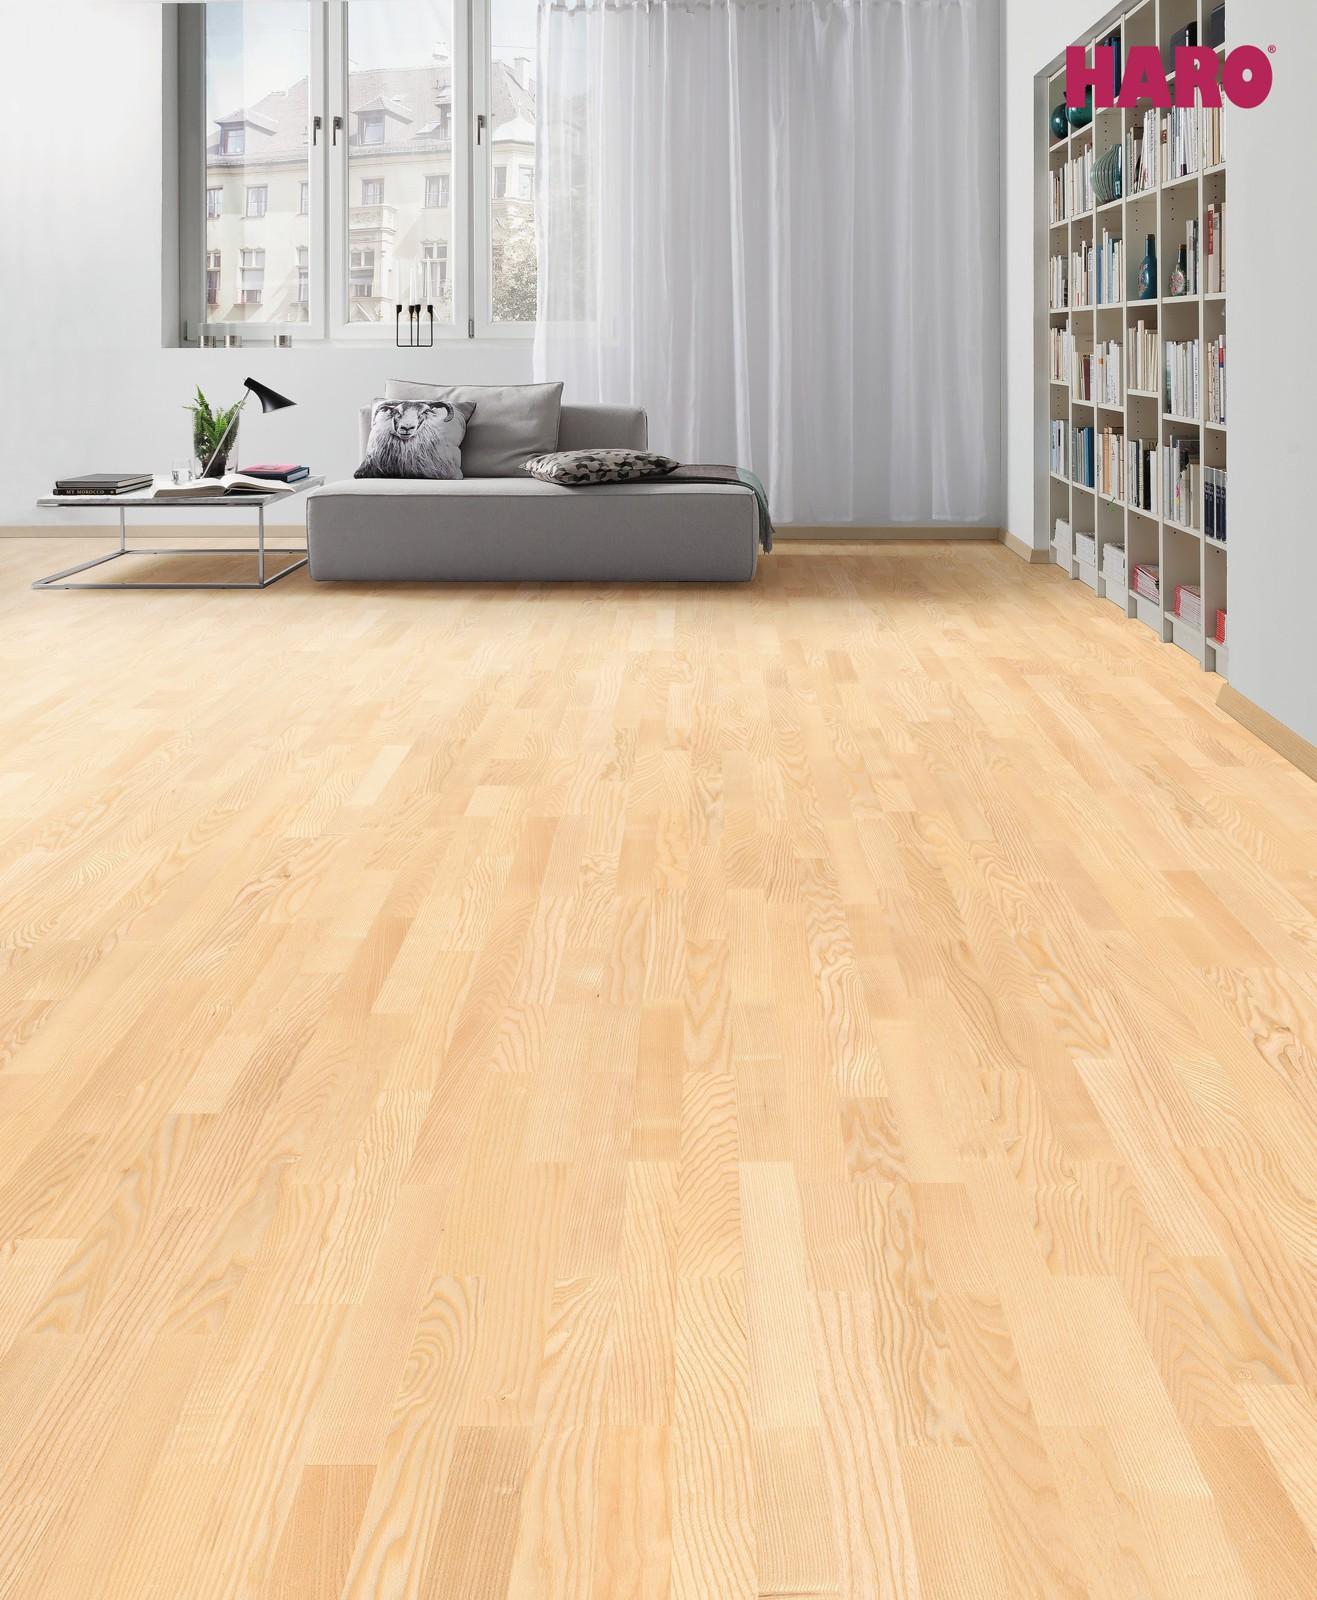 parketti haro 4000 saarni trend 3 sauva lakattu 3 17 m pak. Black Bedroom Furniture Sets. Home Design Ideas